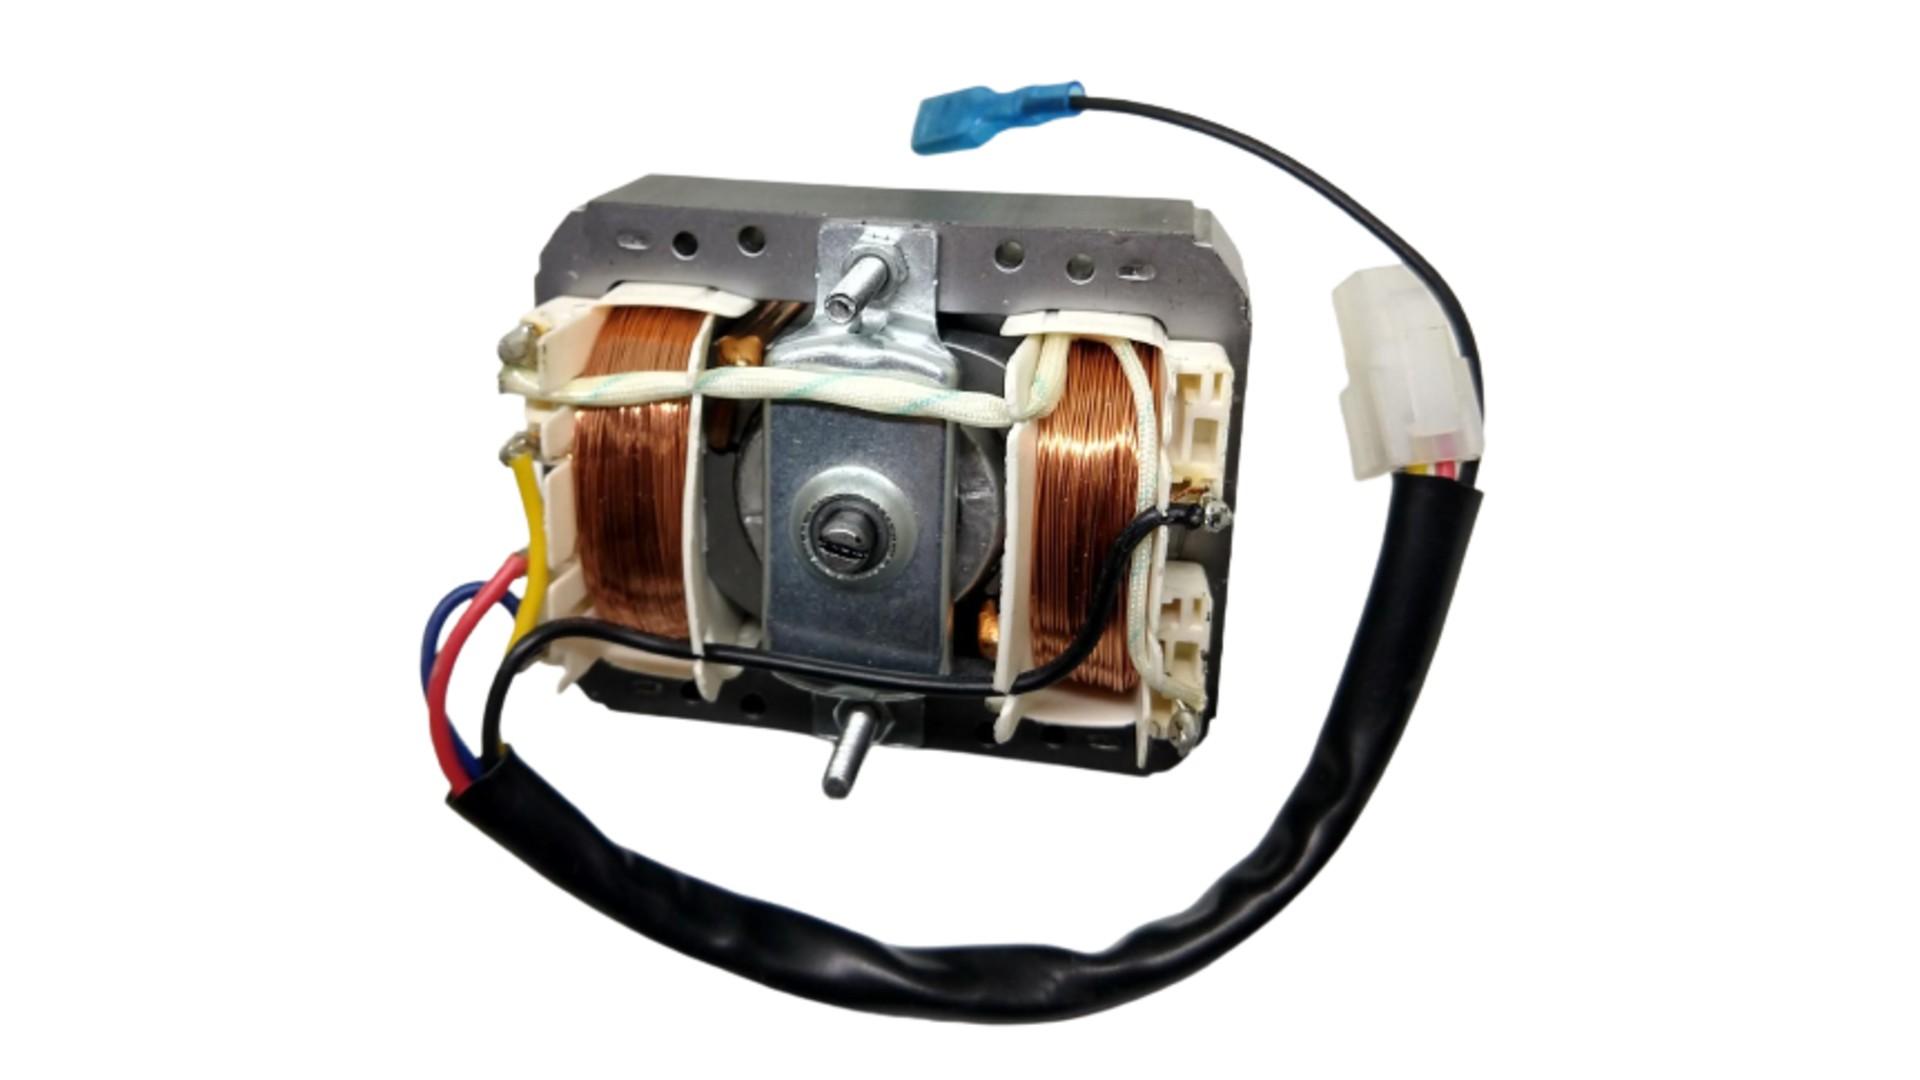 Motor Depurador Slim SUGGAR 127v